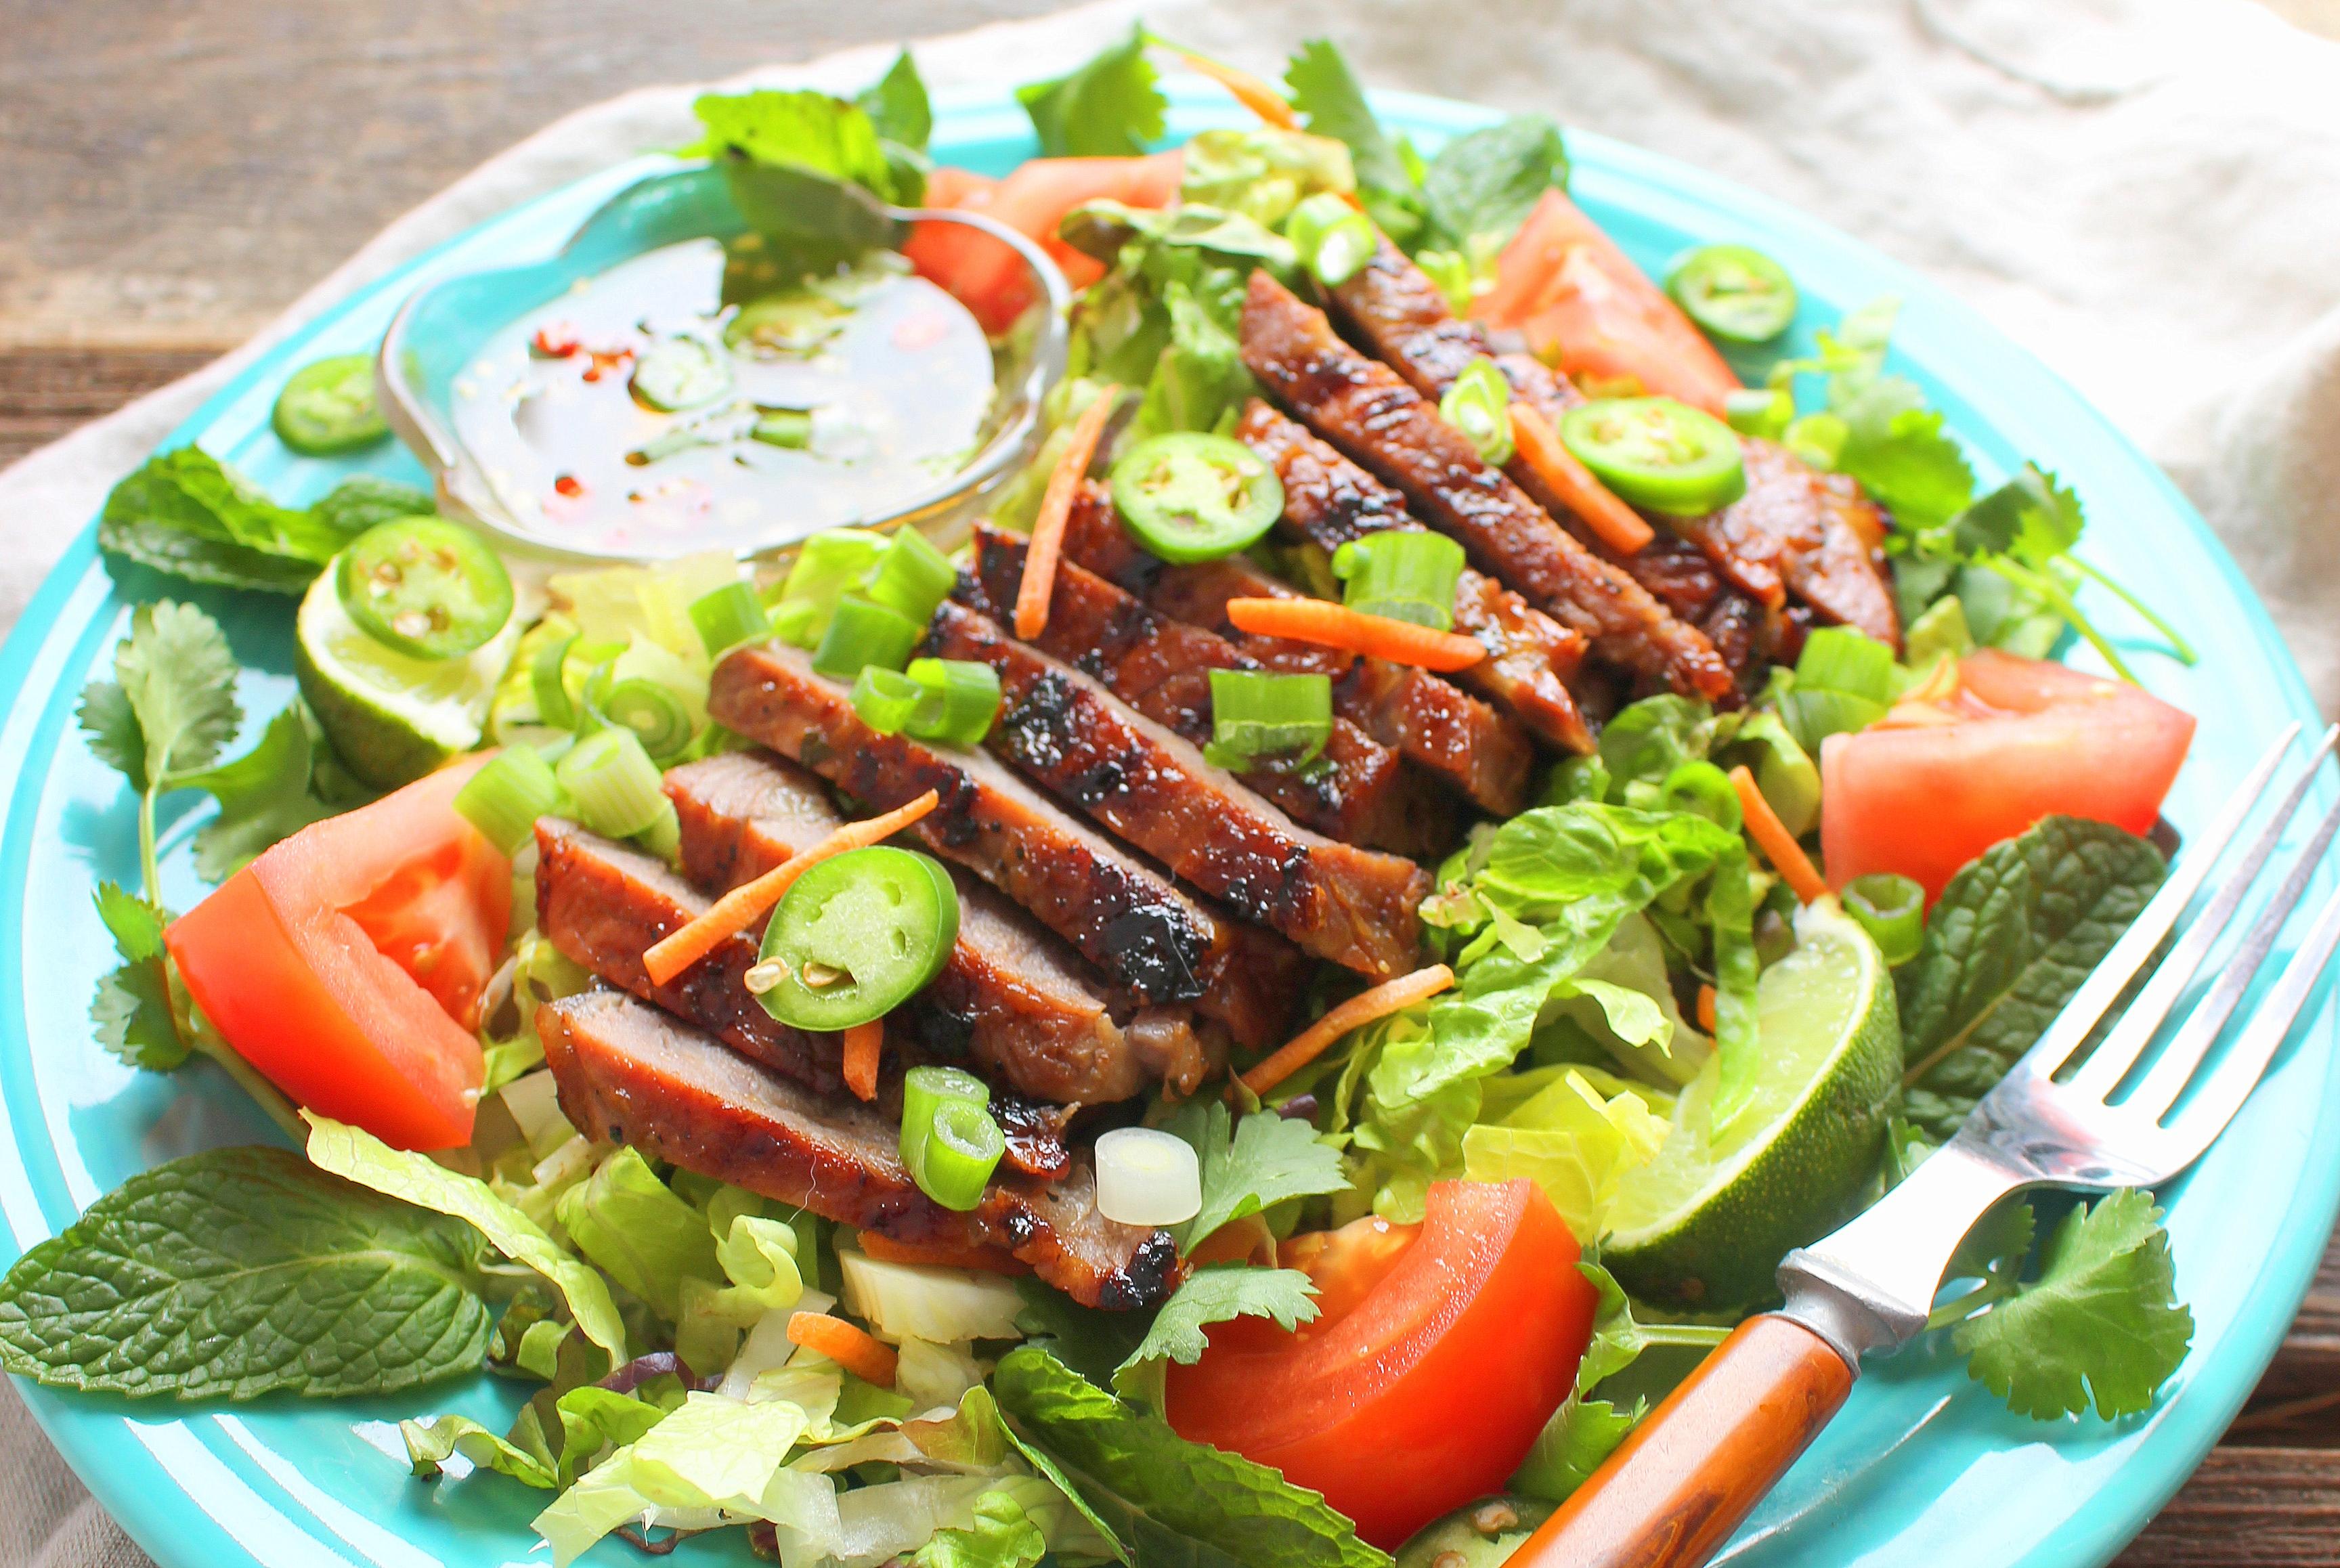 Vietnamese Grilled Steak Salad for #SundaySupper